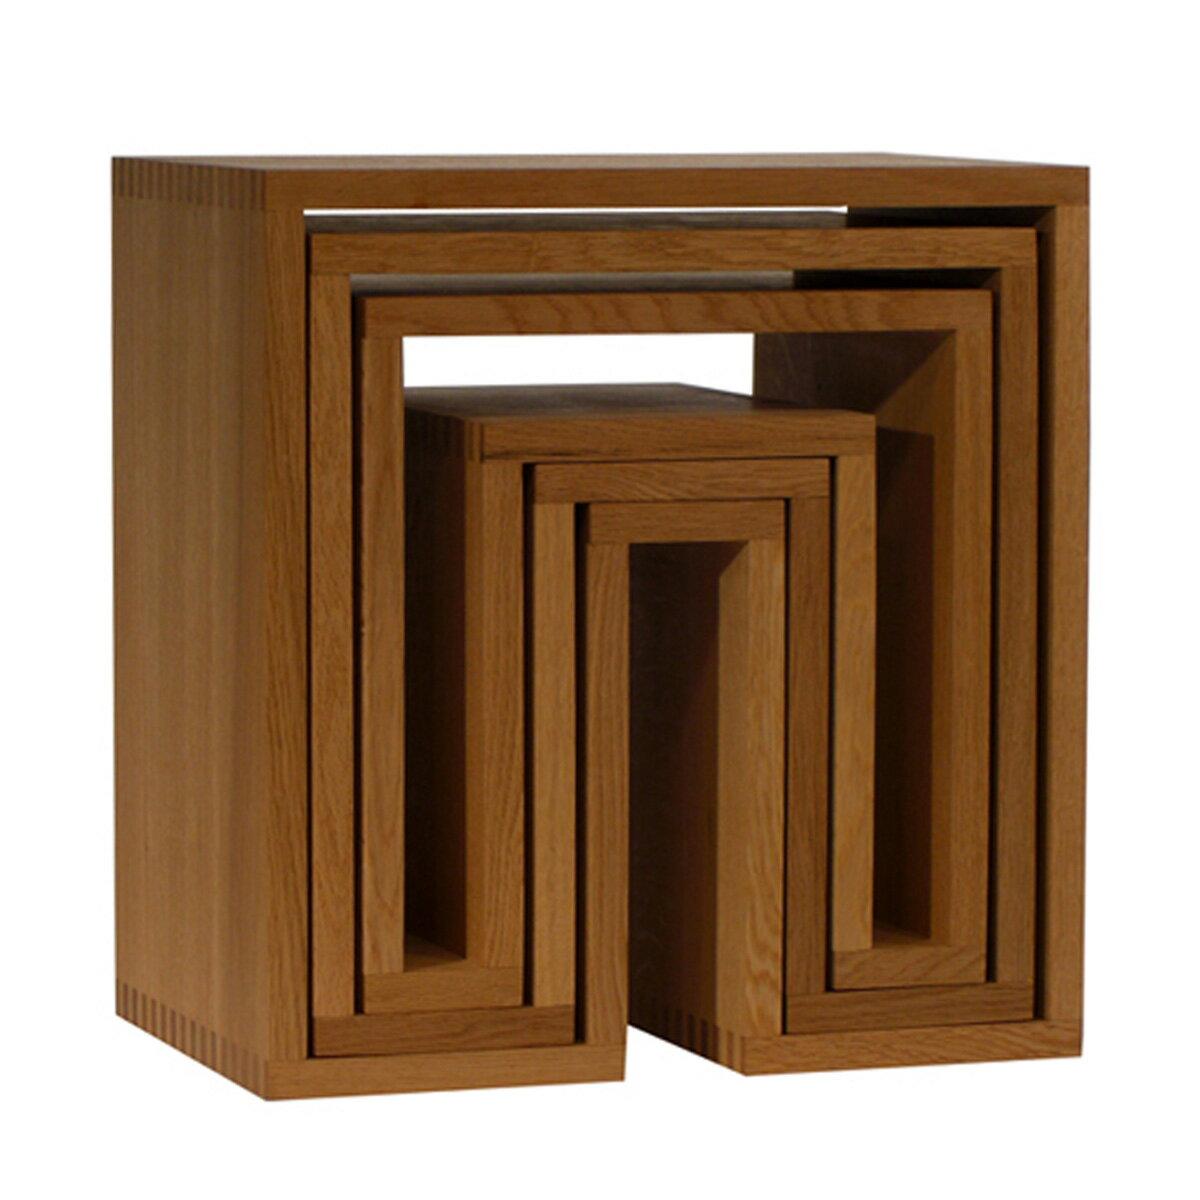 abode 3個セット ネスティングテーブル ナチュラル Nesting Tables 3pc.SET / ウー・バホリヨディン Ou Baholyodhin バホリヨデン SHOJIシリーズ 収納棚・テーブル・什器・スツール・マガジンラック・コンソール